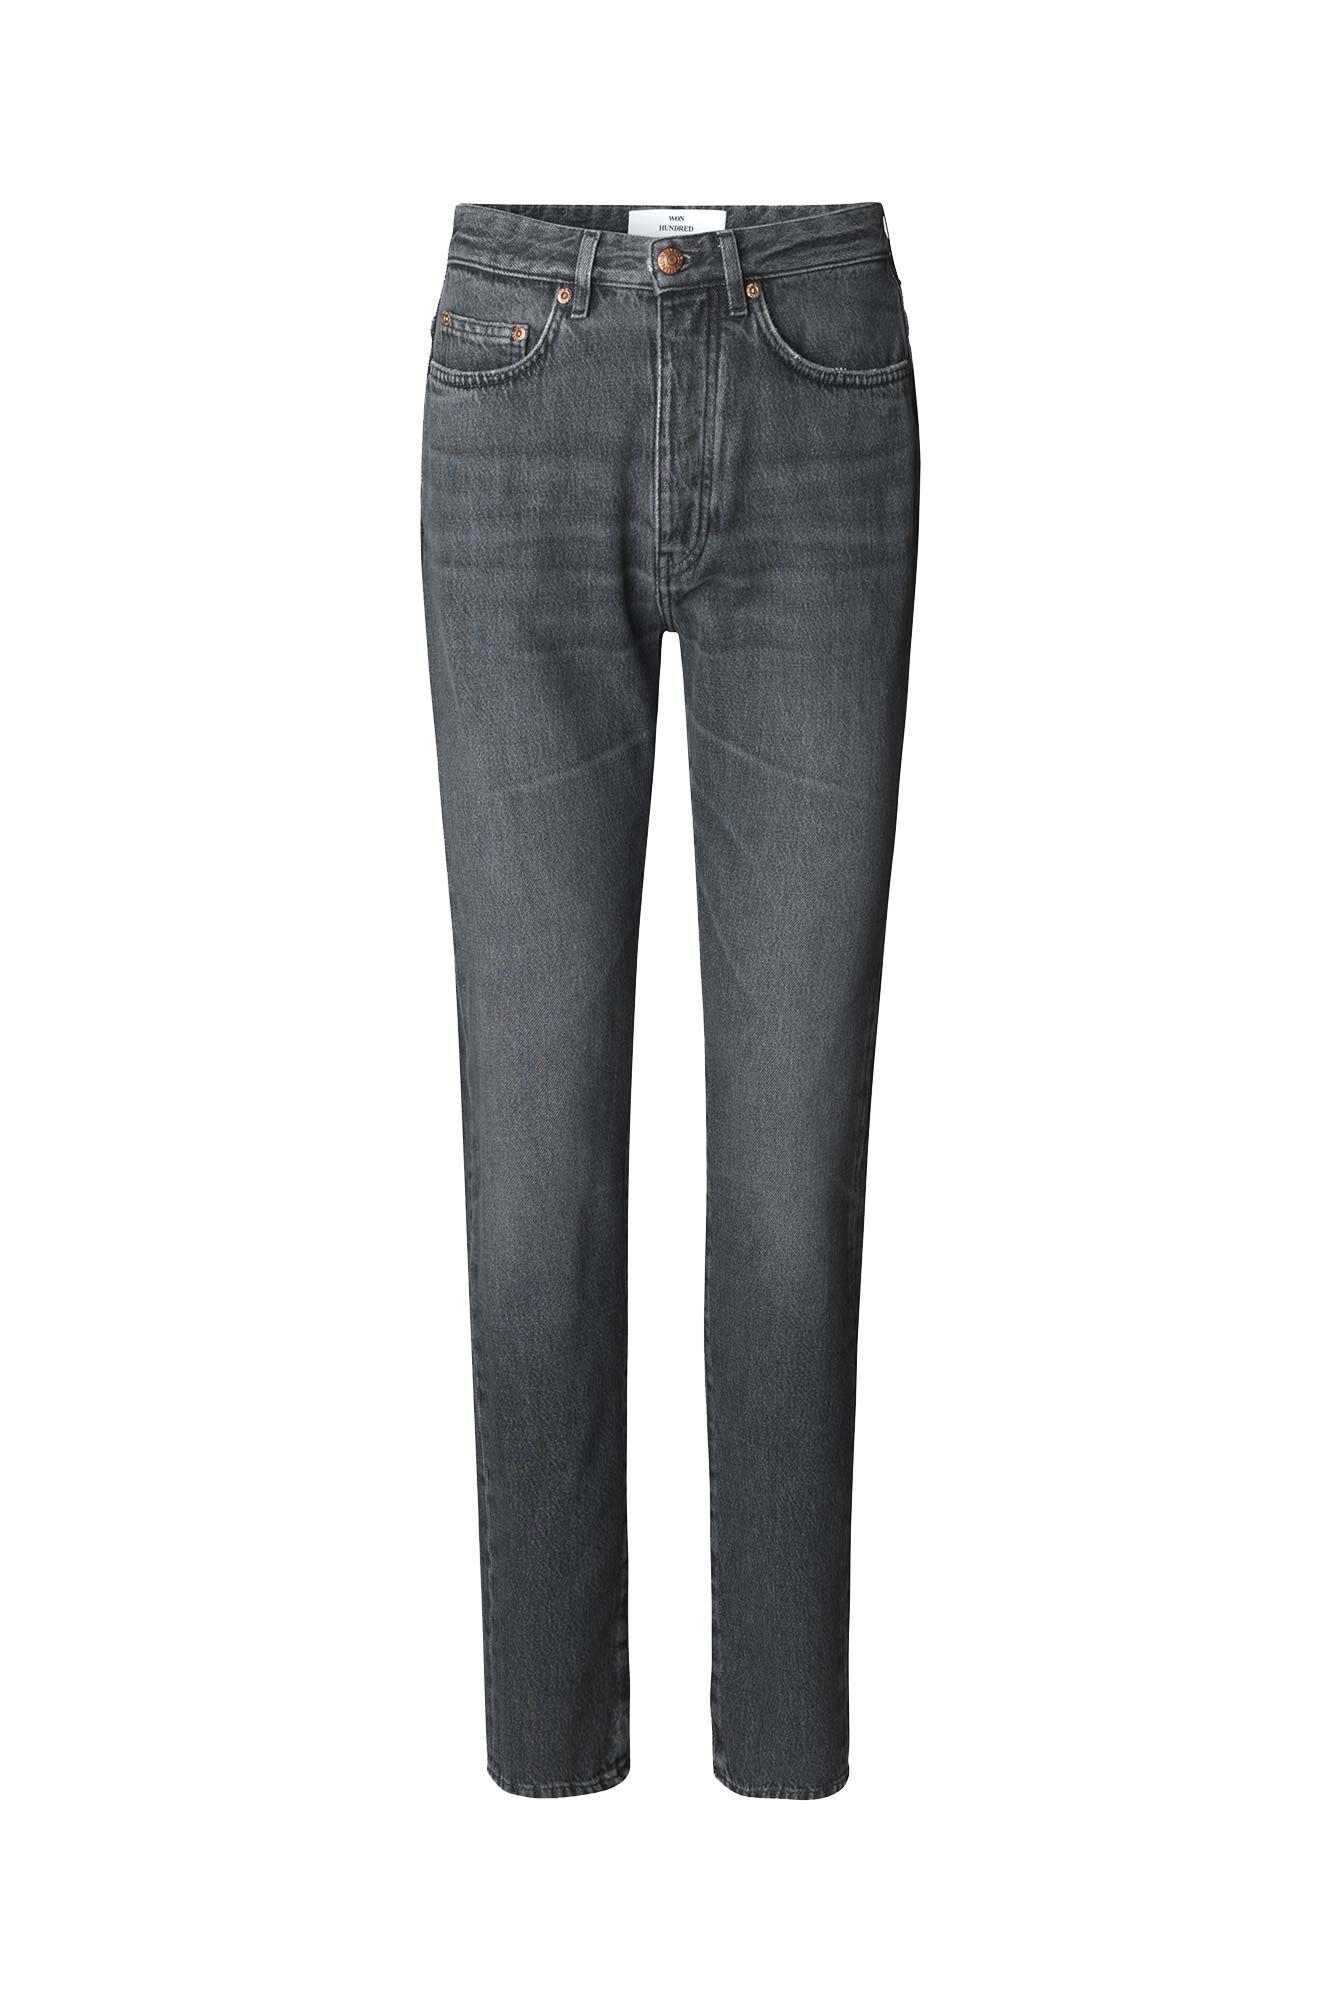 Sabrina vintage grey0250-15981